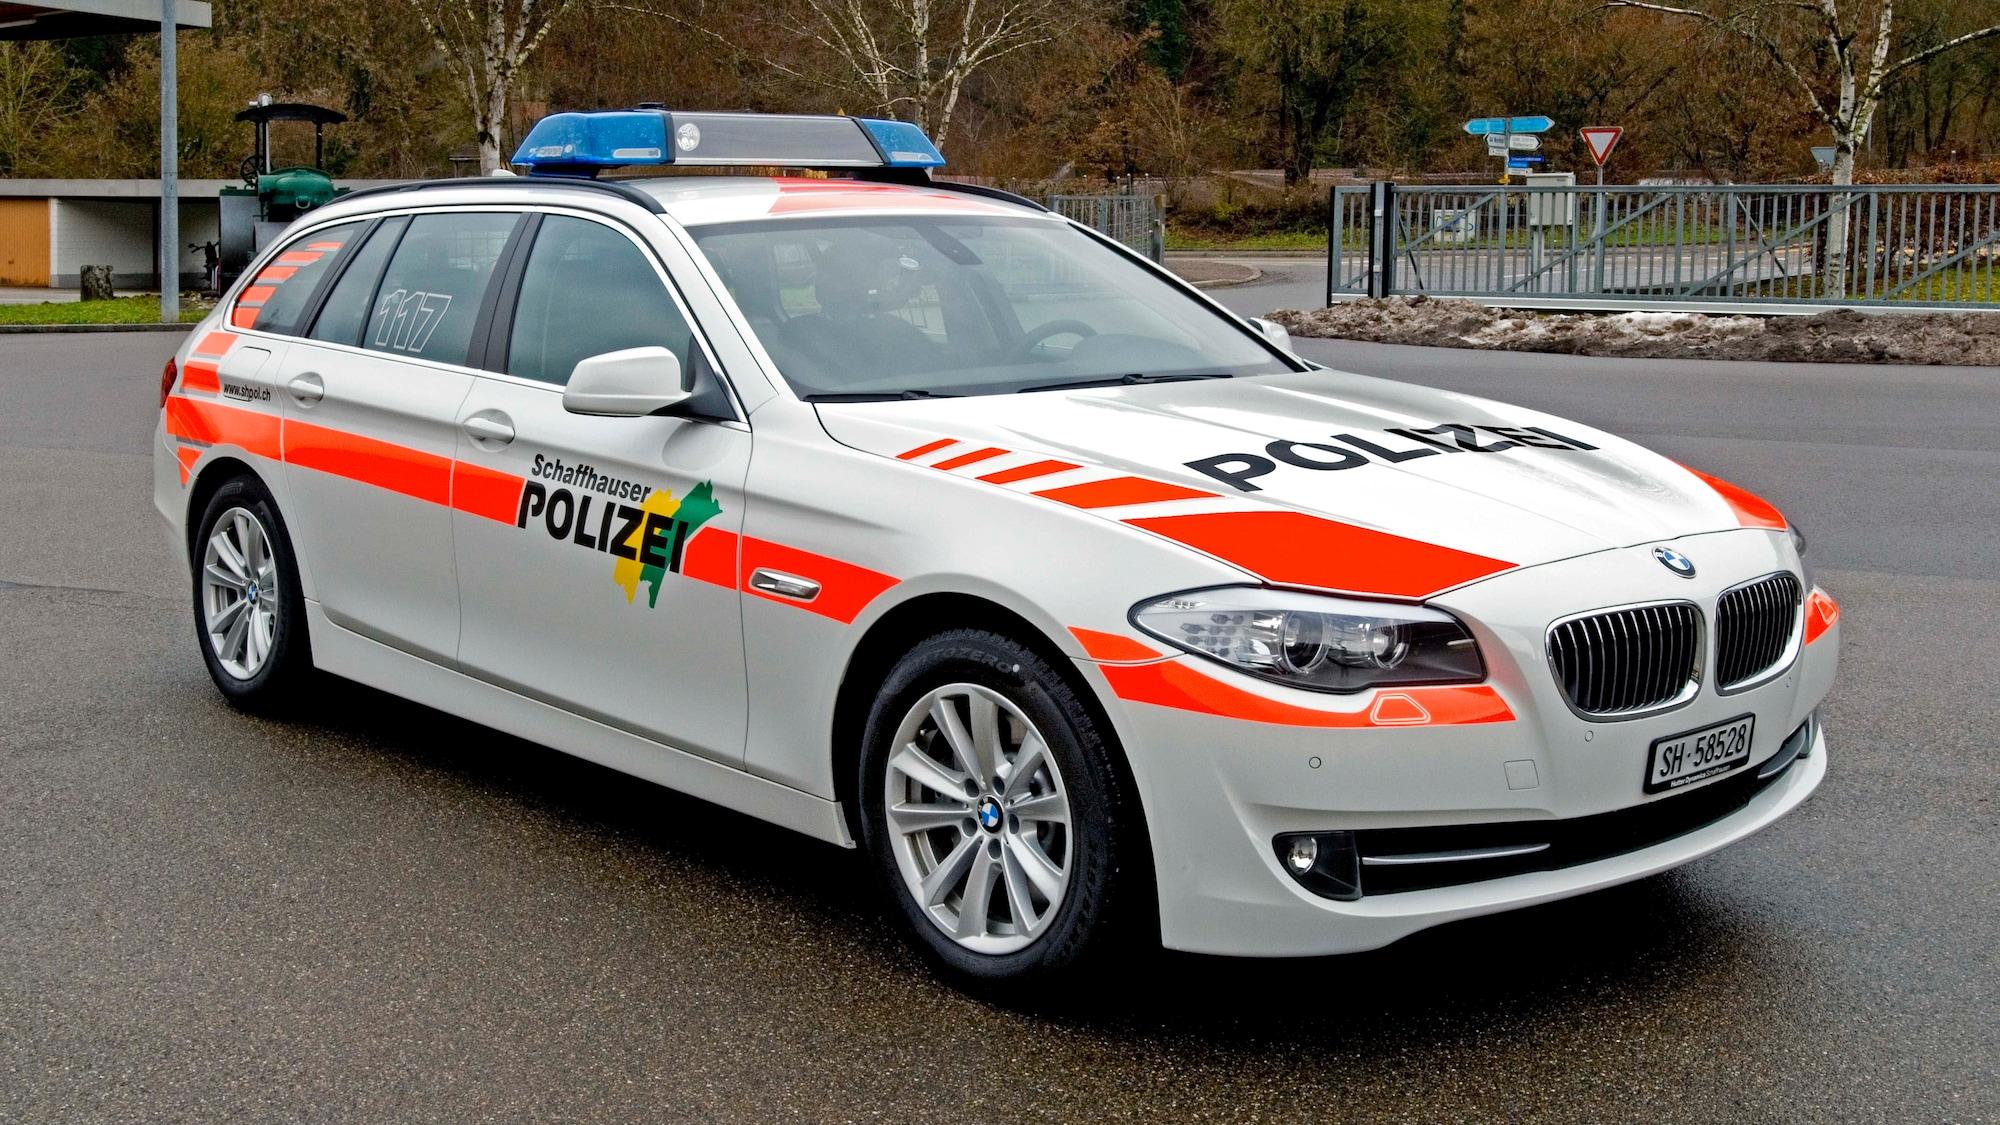 Personenwagen involviert: Schaffhauser Polizisten in Unfall verwickelt